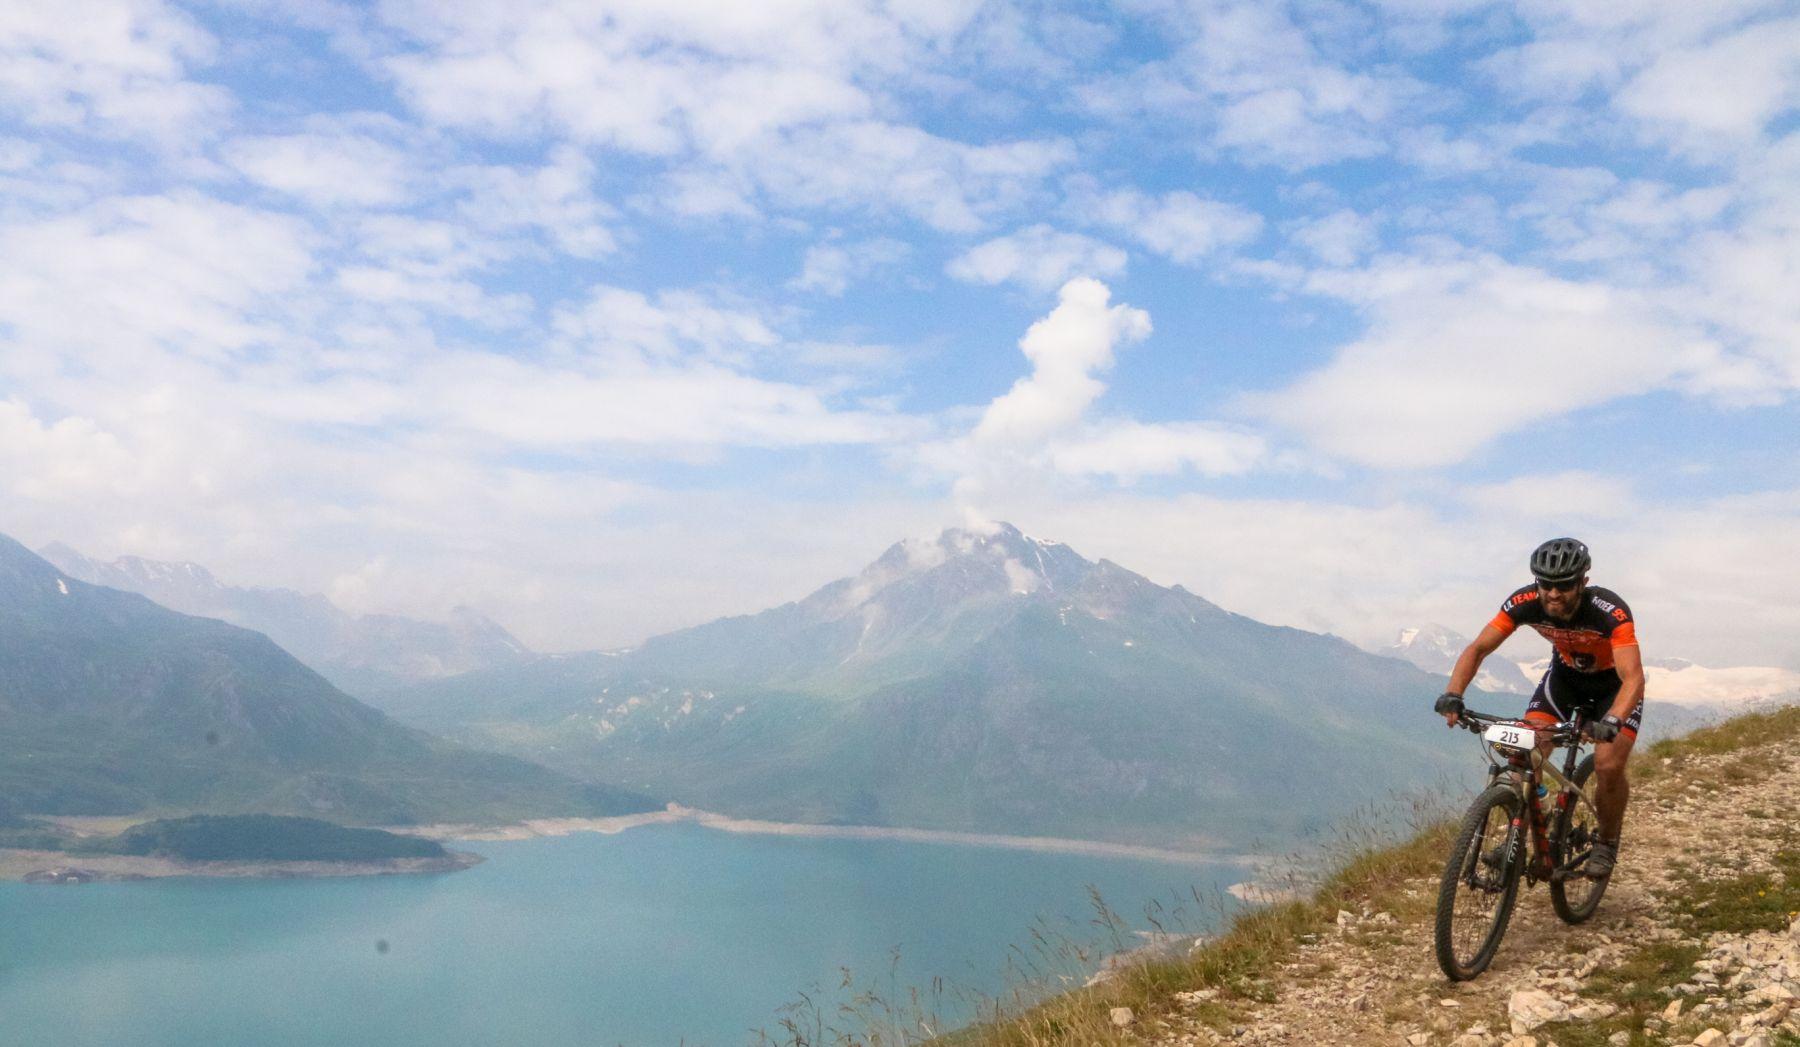 Bordeando el lago Cenis por un sendero excepcional, uno de los puntos más destacados